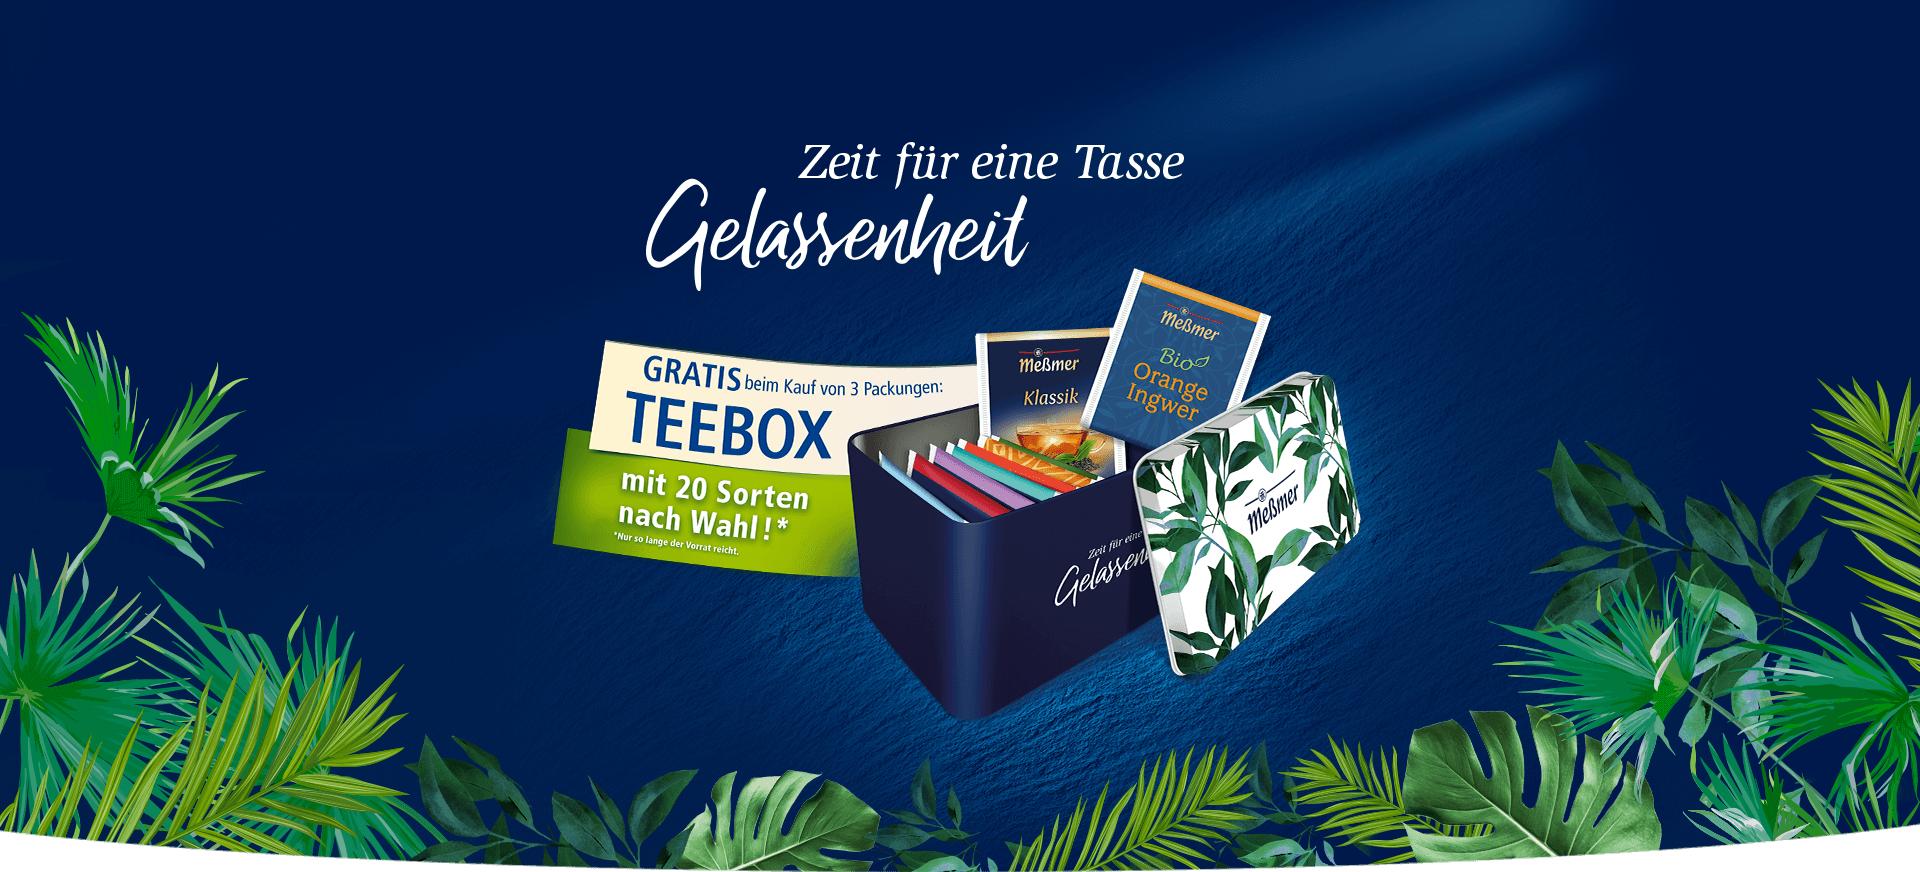 Meßmer Teebox bei Kauf von 3 Packungen